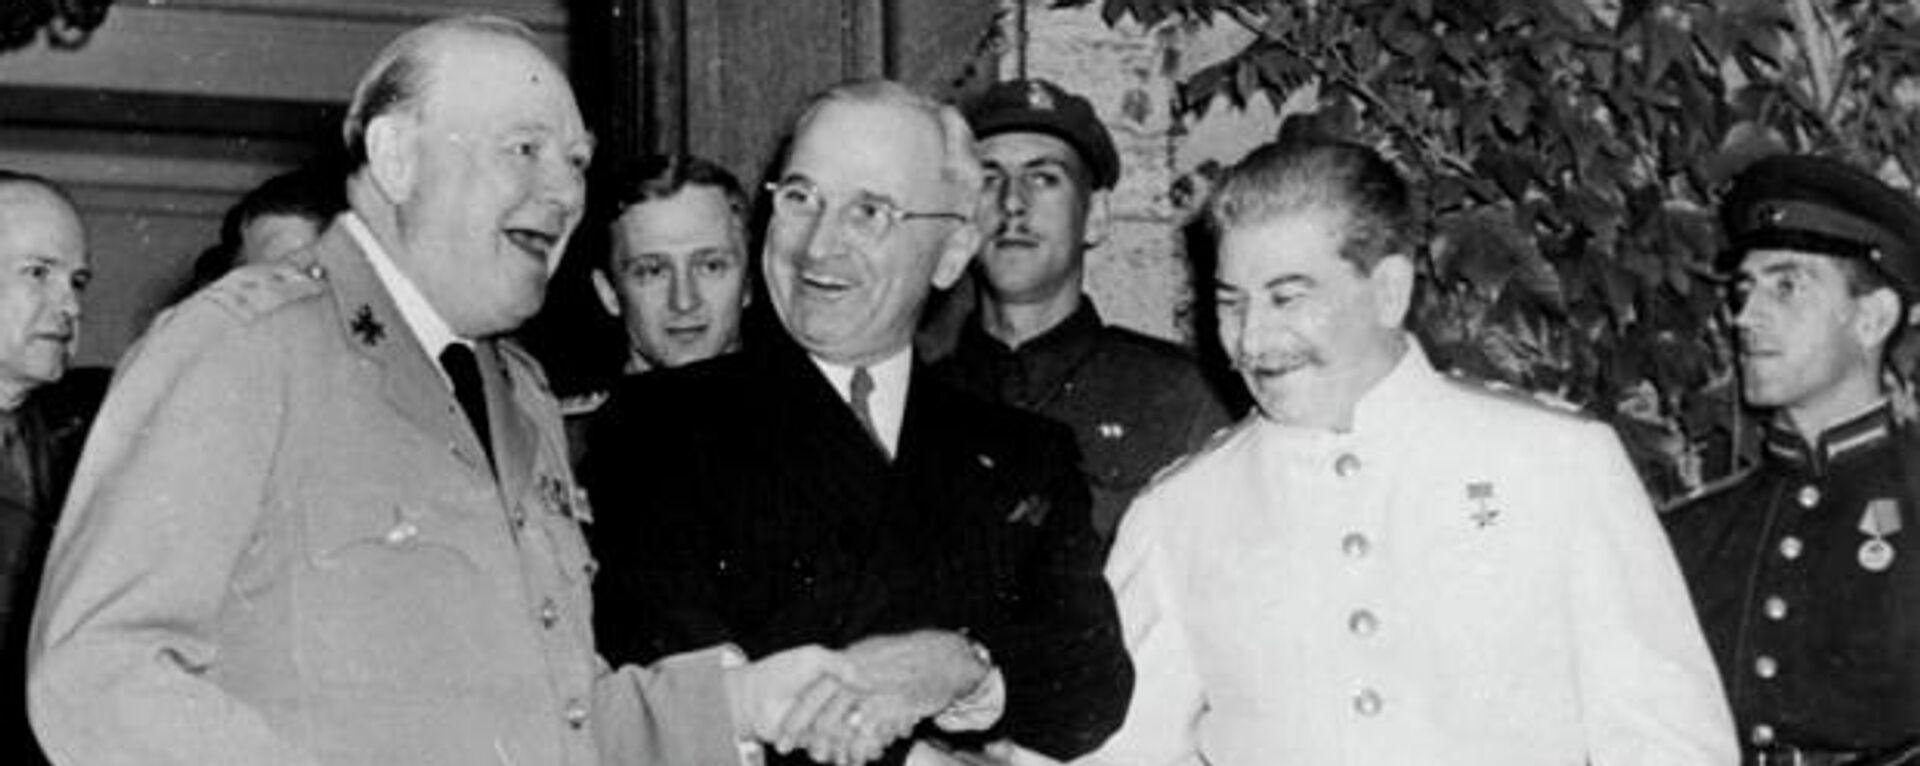 Potsdamer Konferenz (Archivbild) - SNA, 1920, 18.09.2021